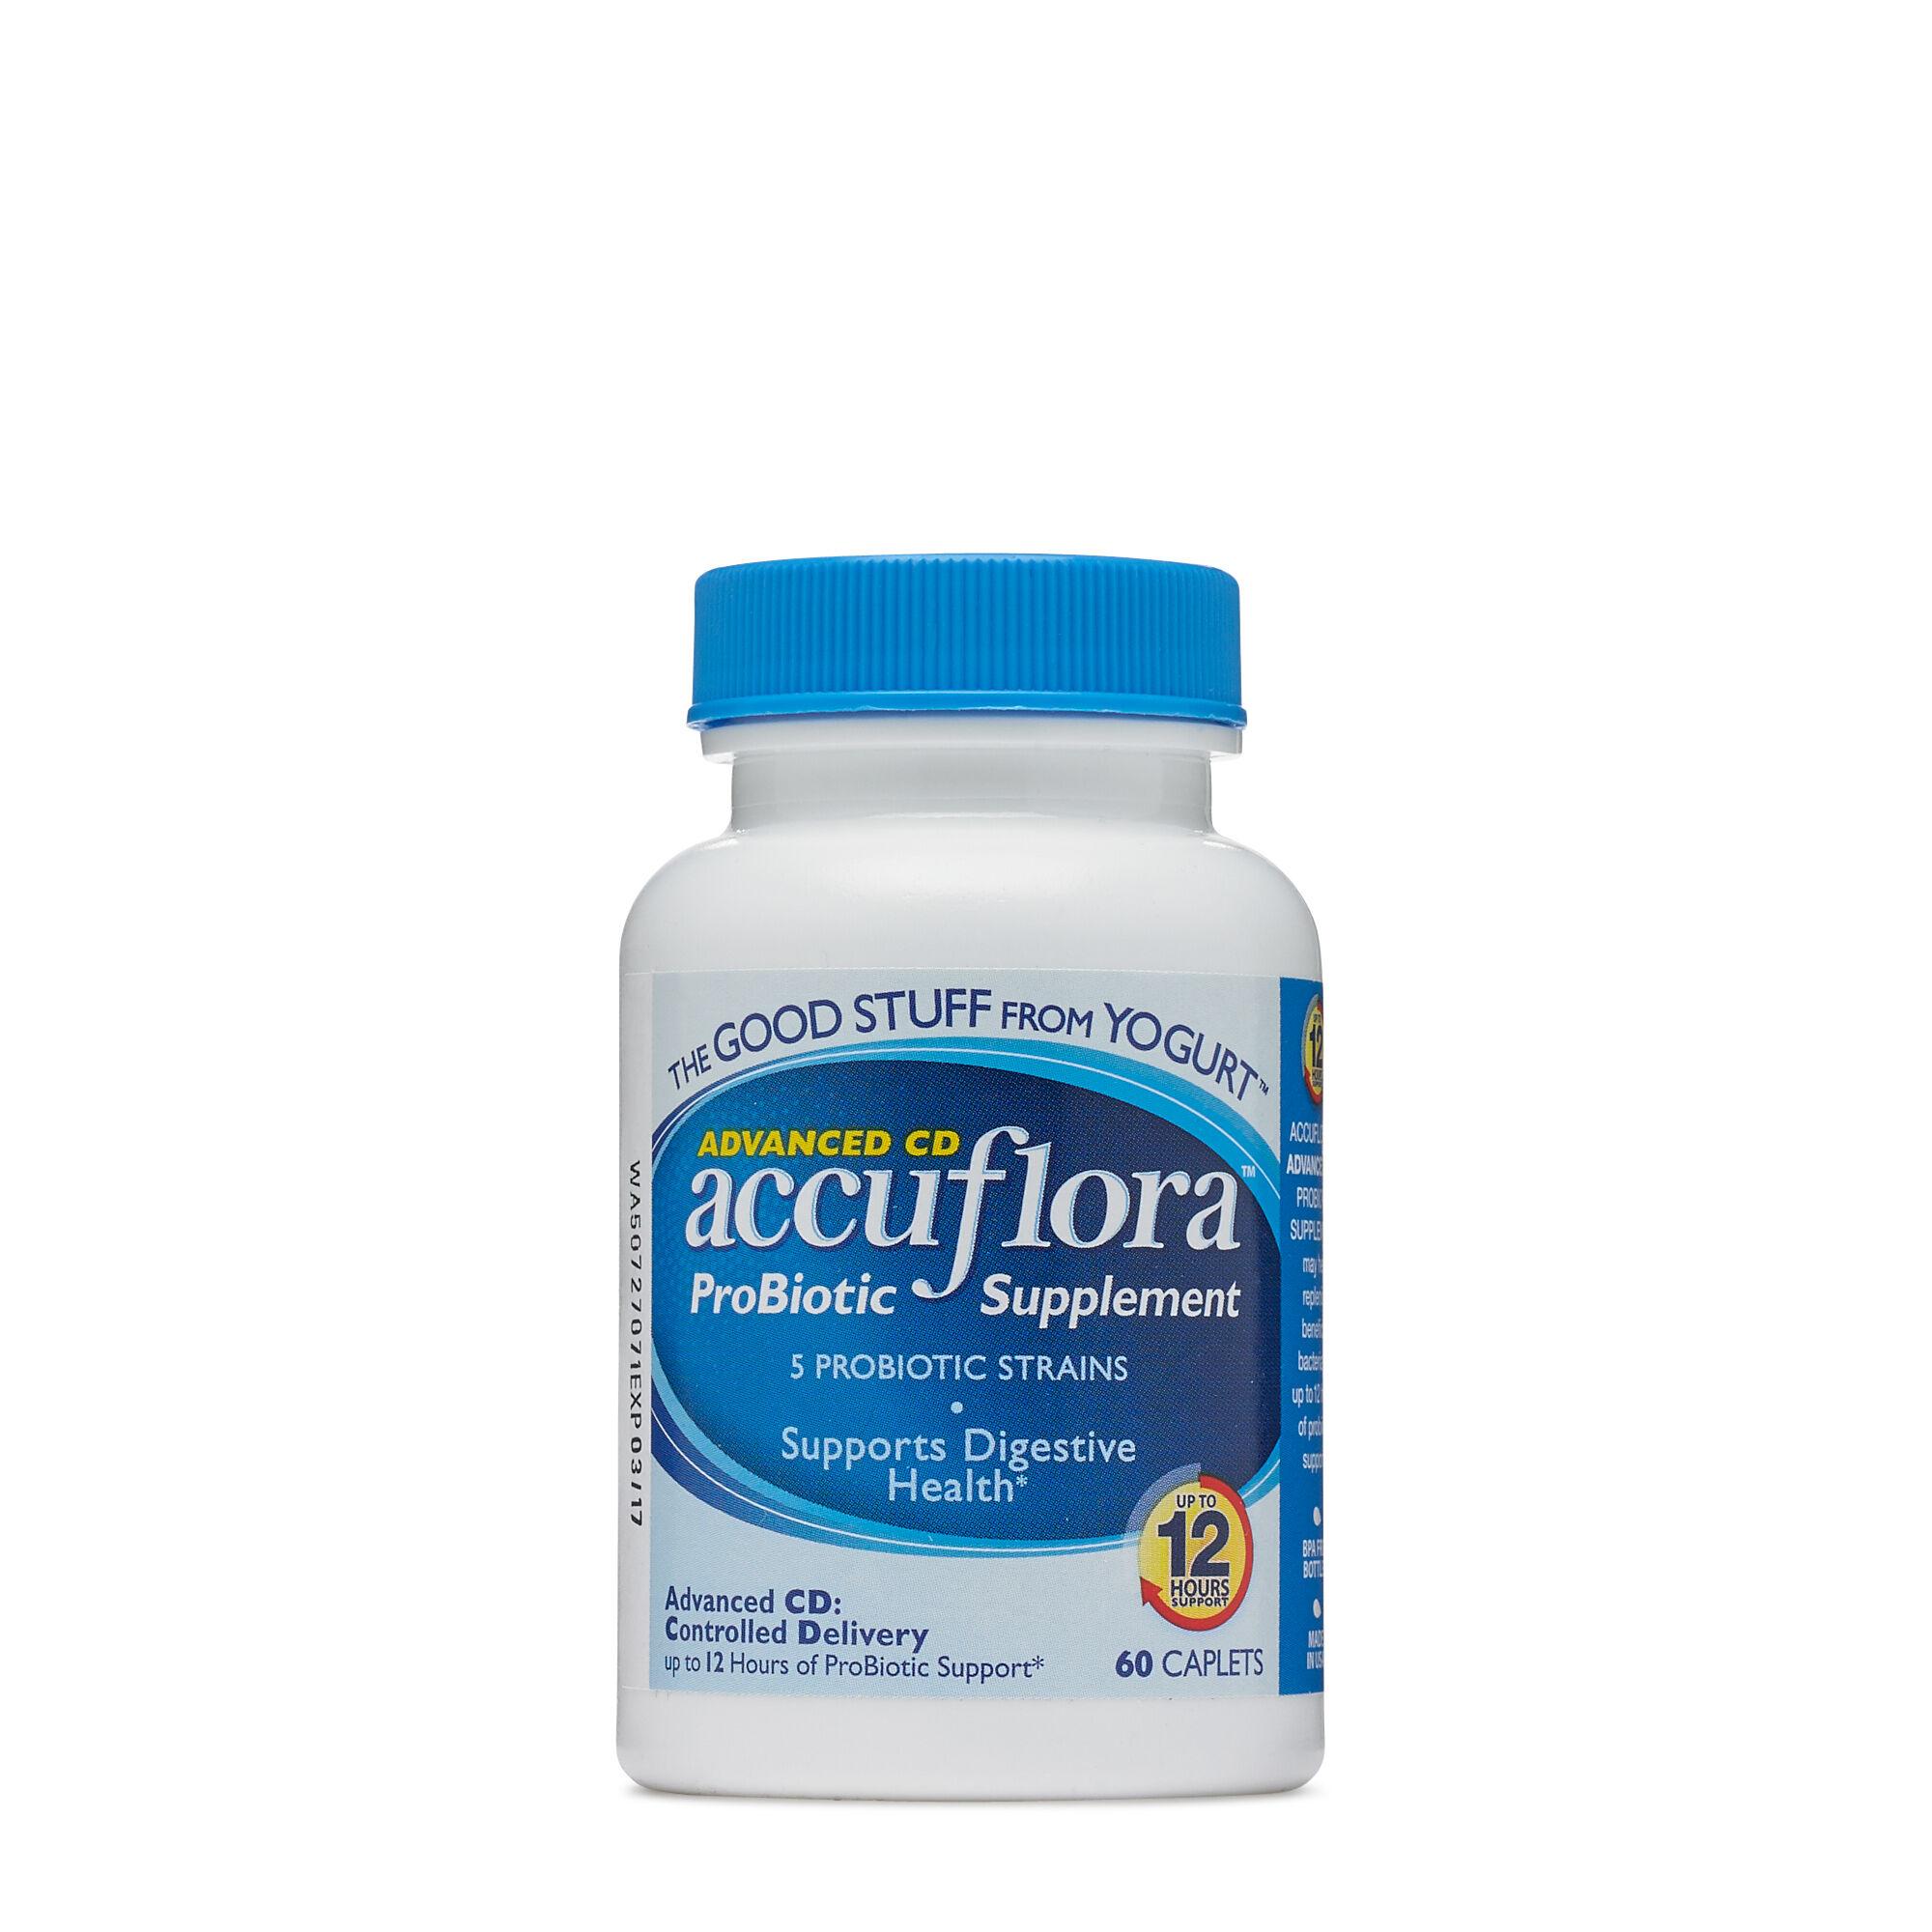 Probiotic - 60 Caplets - Accuflora